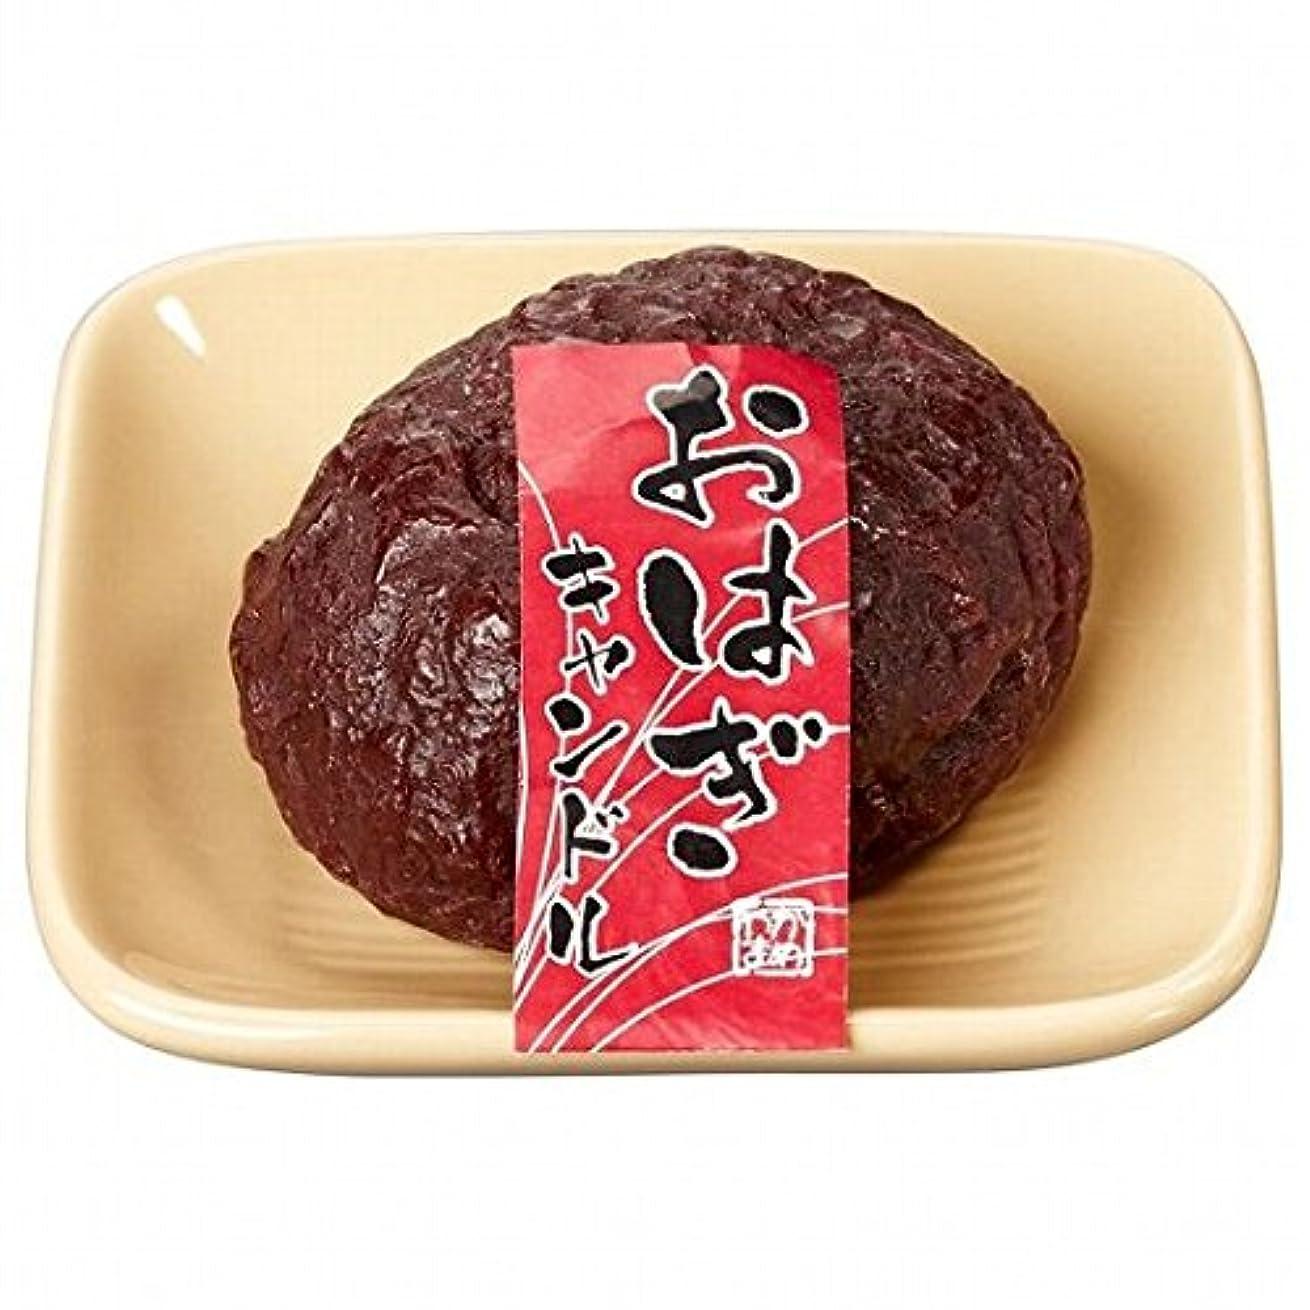 操作雪だるまハッチkameyama candle(カメヤマキャンドル) おはぎキャンドル(86430000)